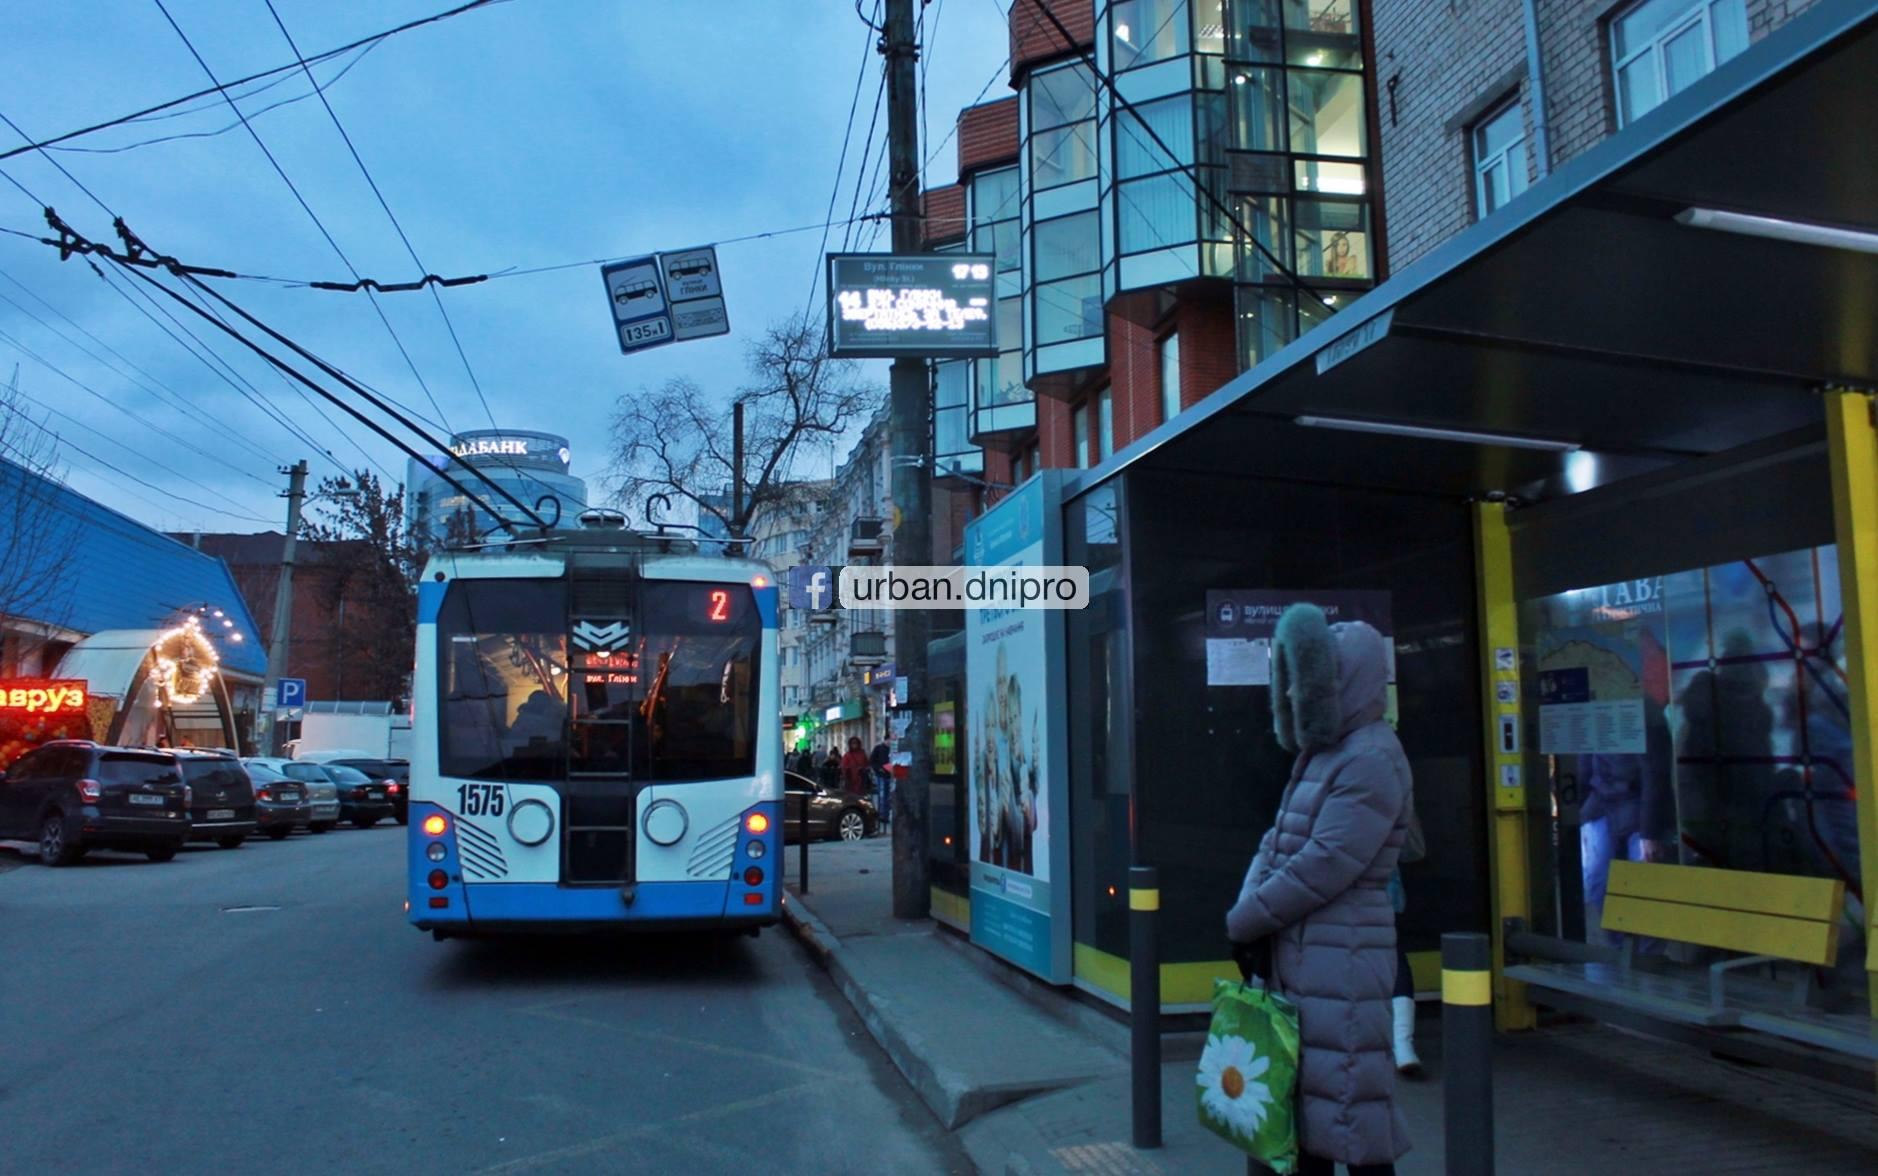 Новости Днепра про В Днепре начали работать транспортные электронные табло